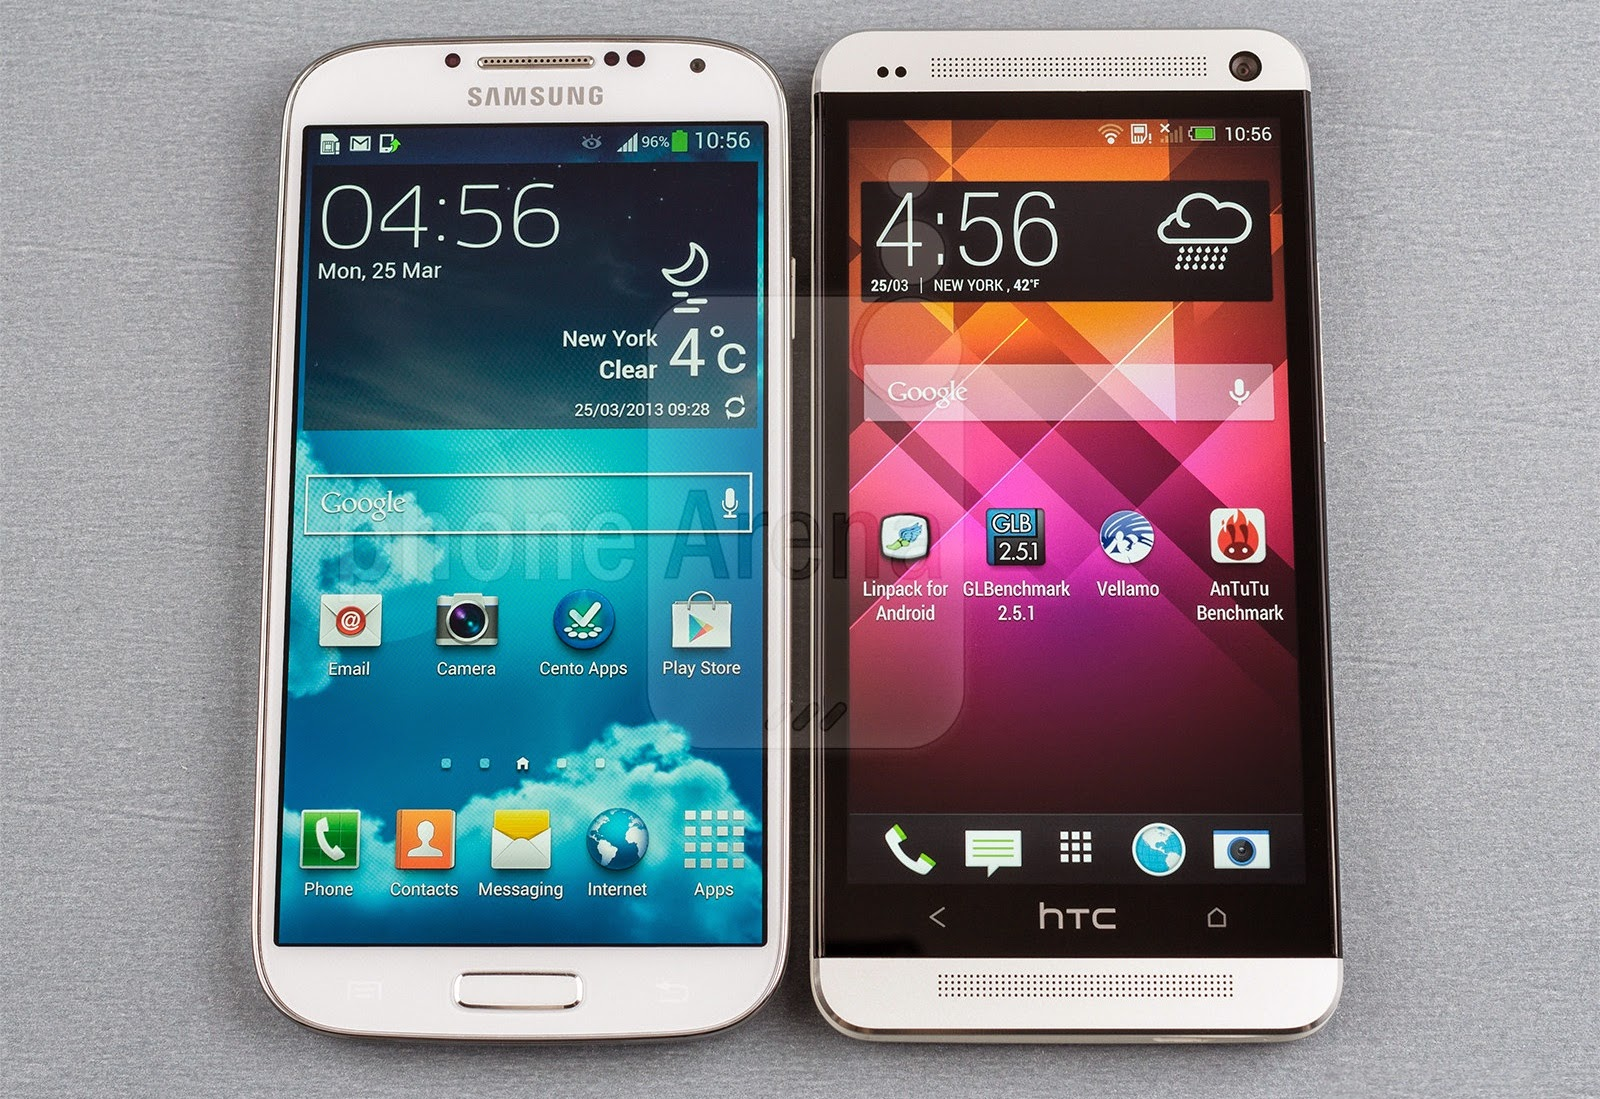 Harga Laptop Samsung Terbaru Daftar Pasaran Harga Laptop Samsung August 2016 Harga Hp Samsung Galaxy Terbaru 2014 Murah High End Harga Laptop